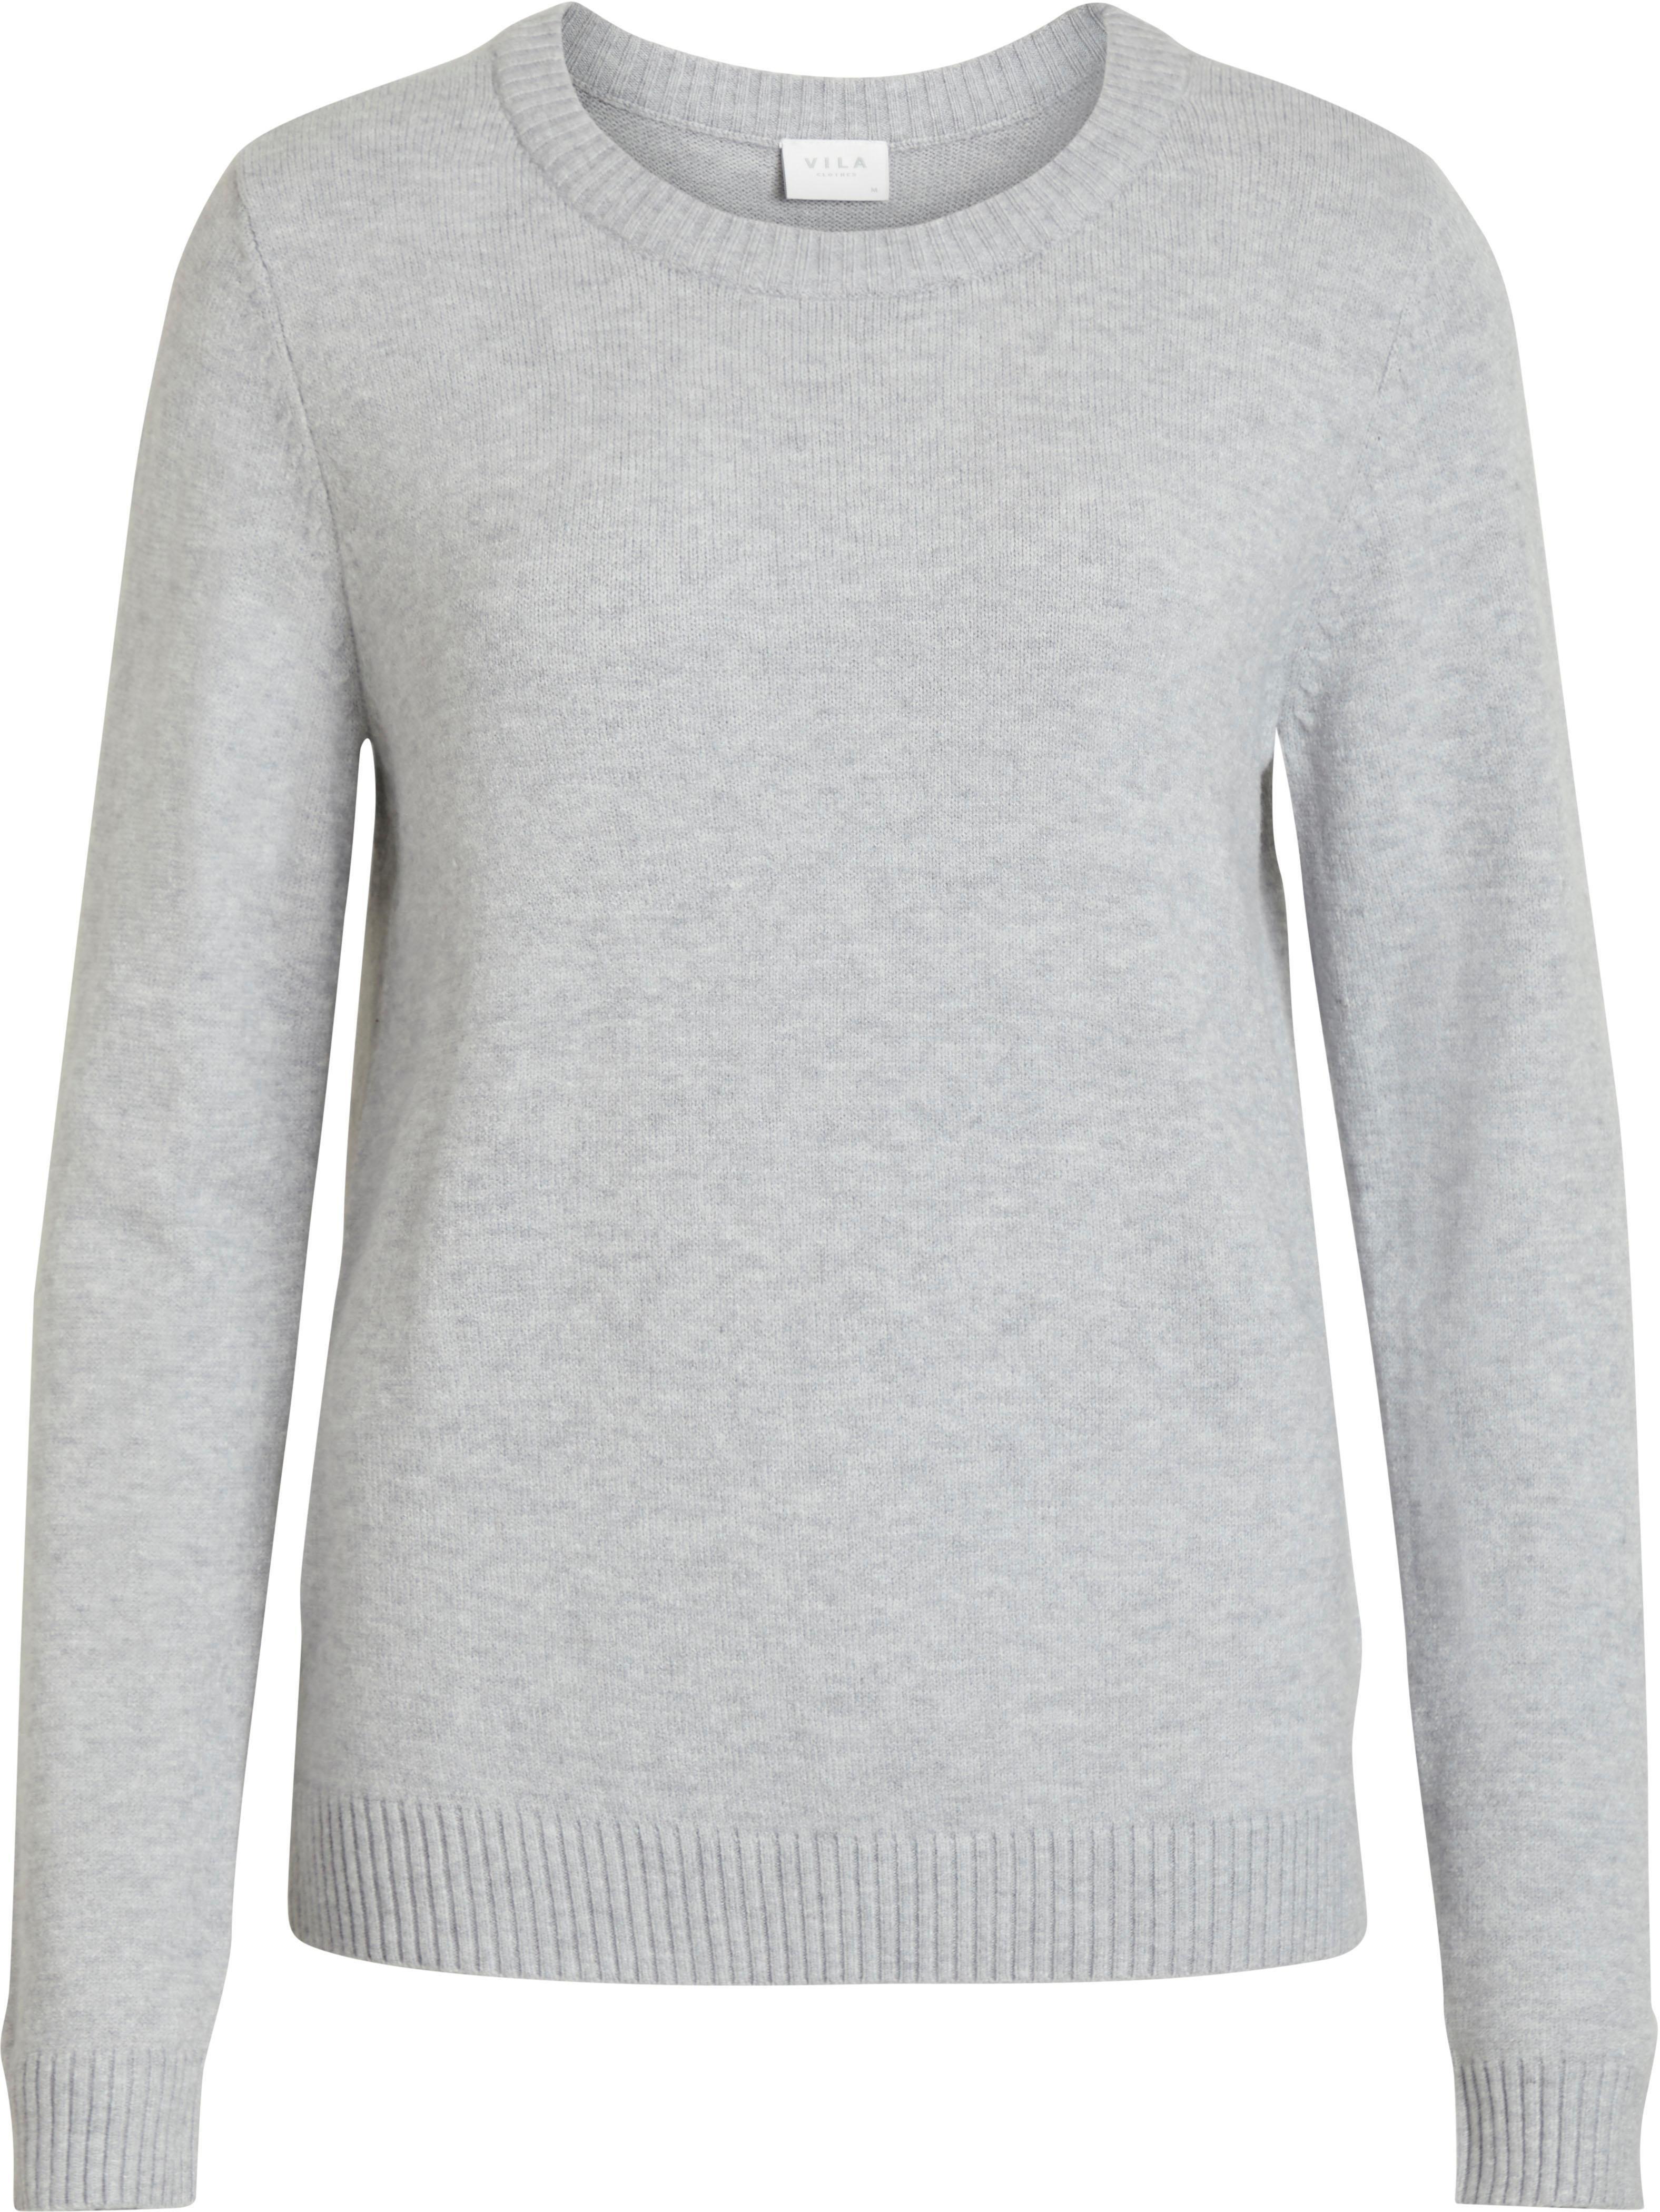 VILA gebreide trui »RIL« goedkoop op otto.nl kopen